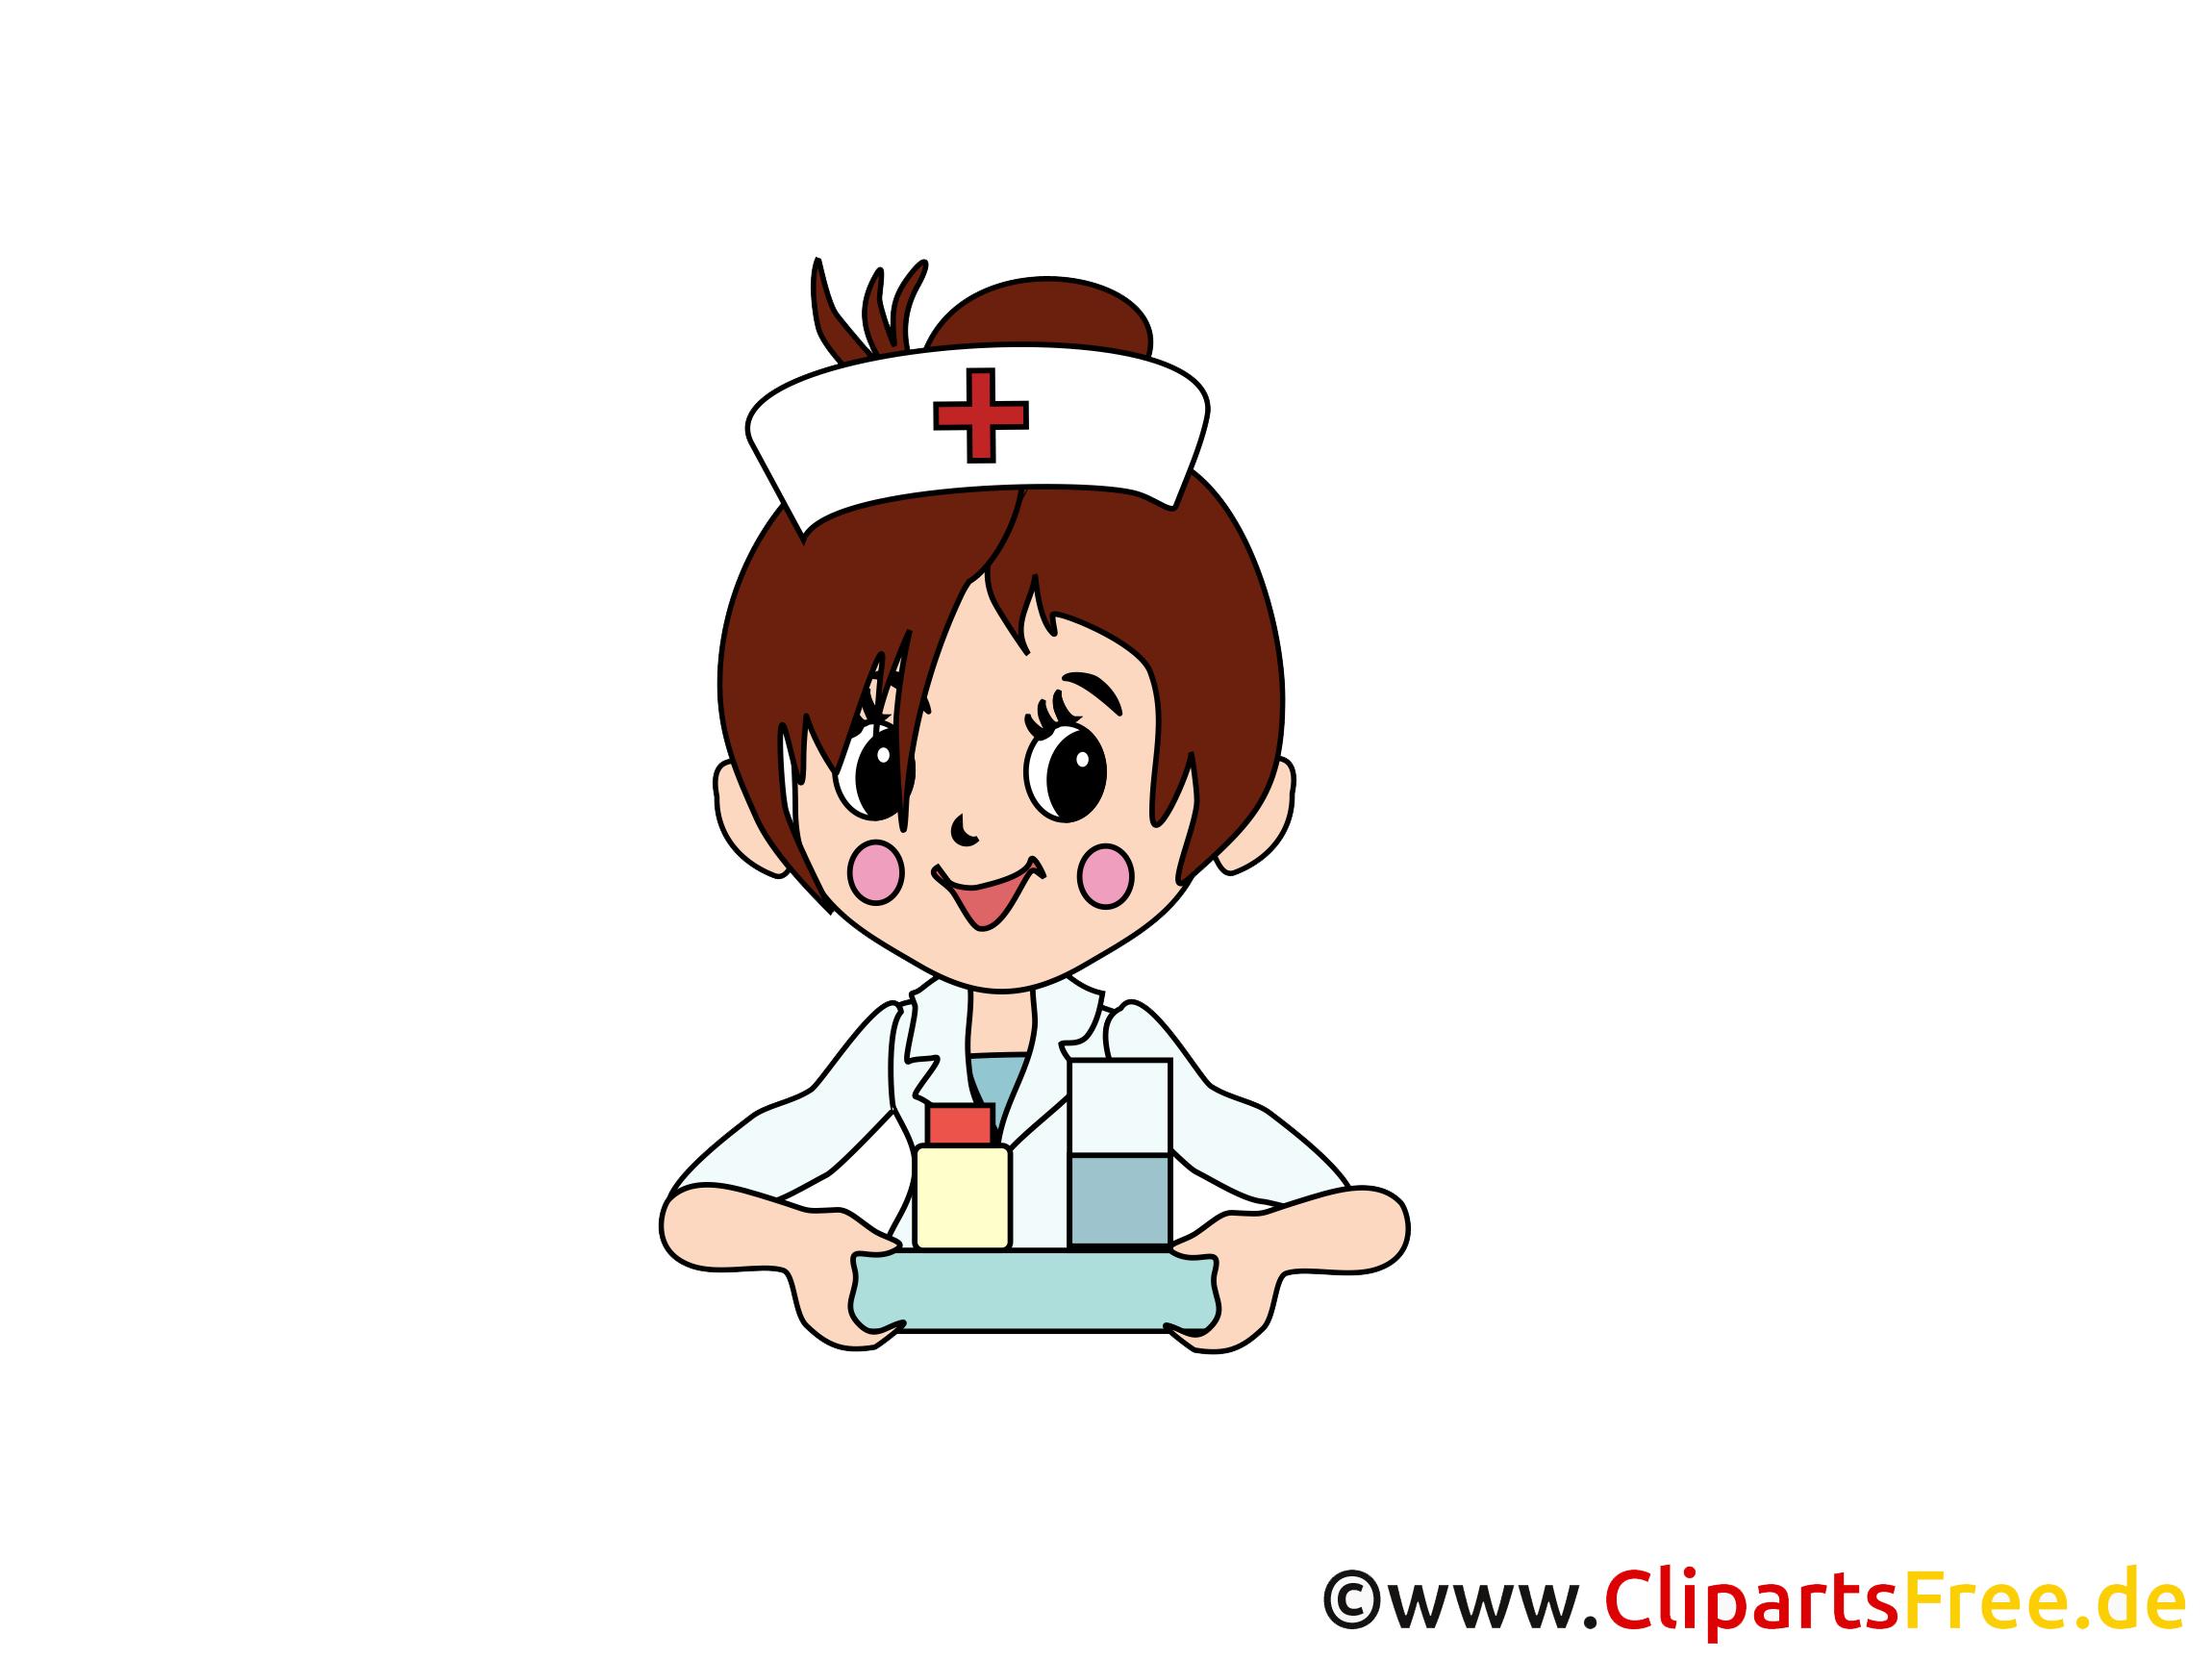 clipart kostenlos pflege - photo #9